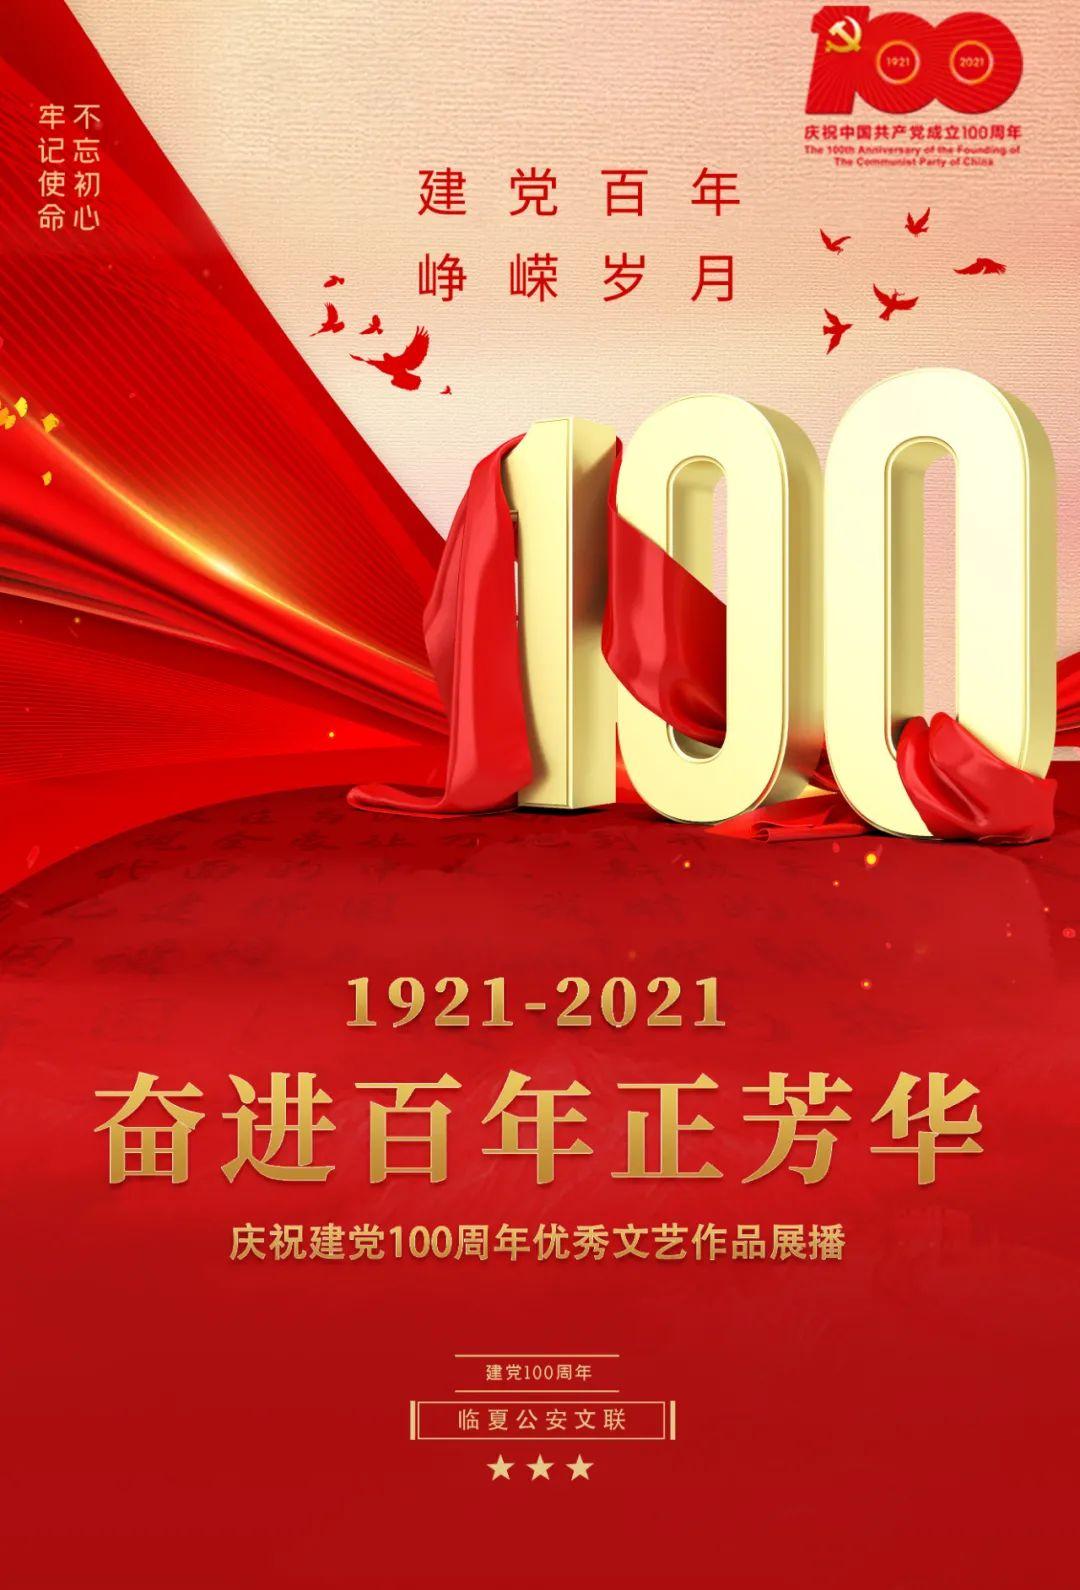 【临夏公安文联】庆祝建党100周年优秀文艺作品展播(二)